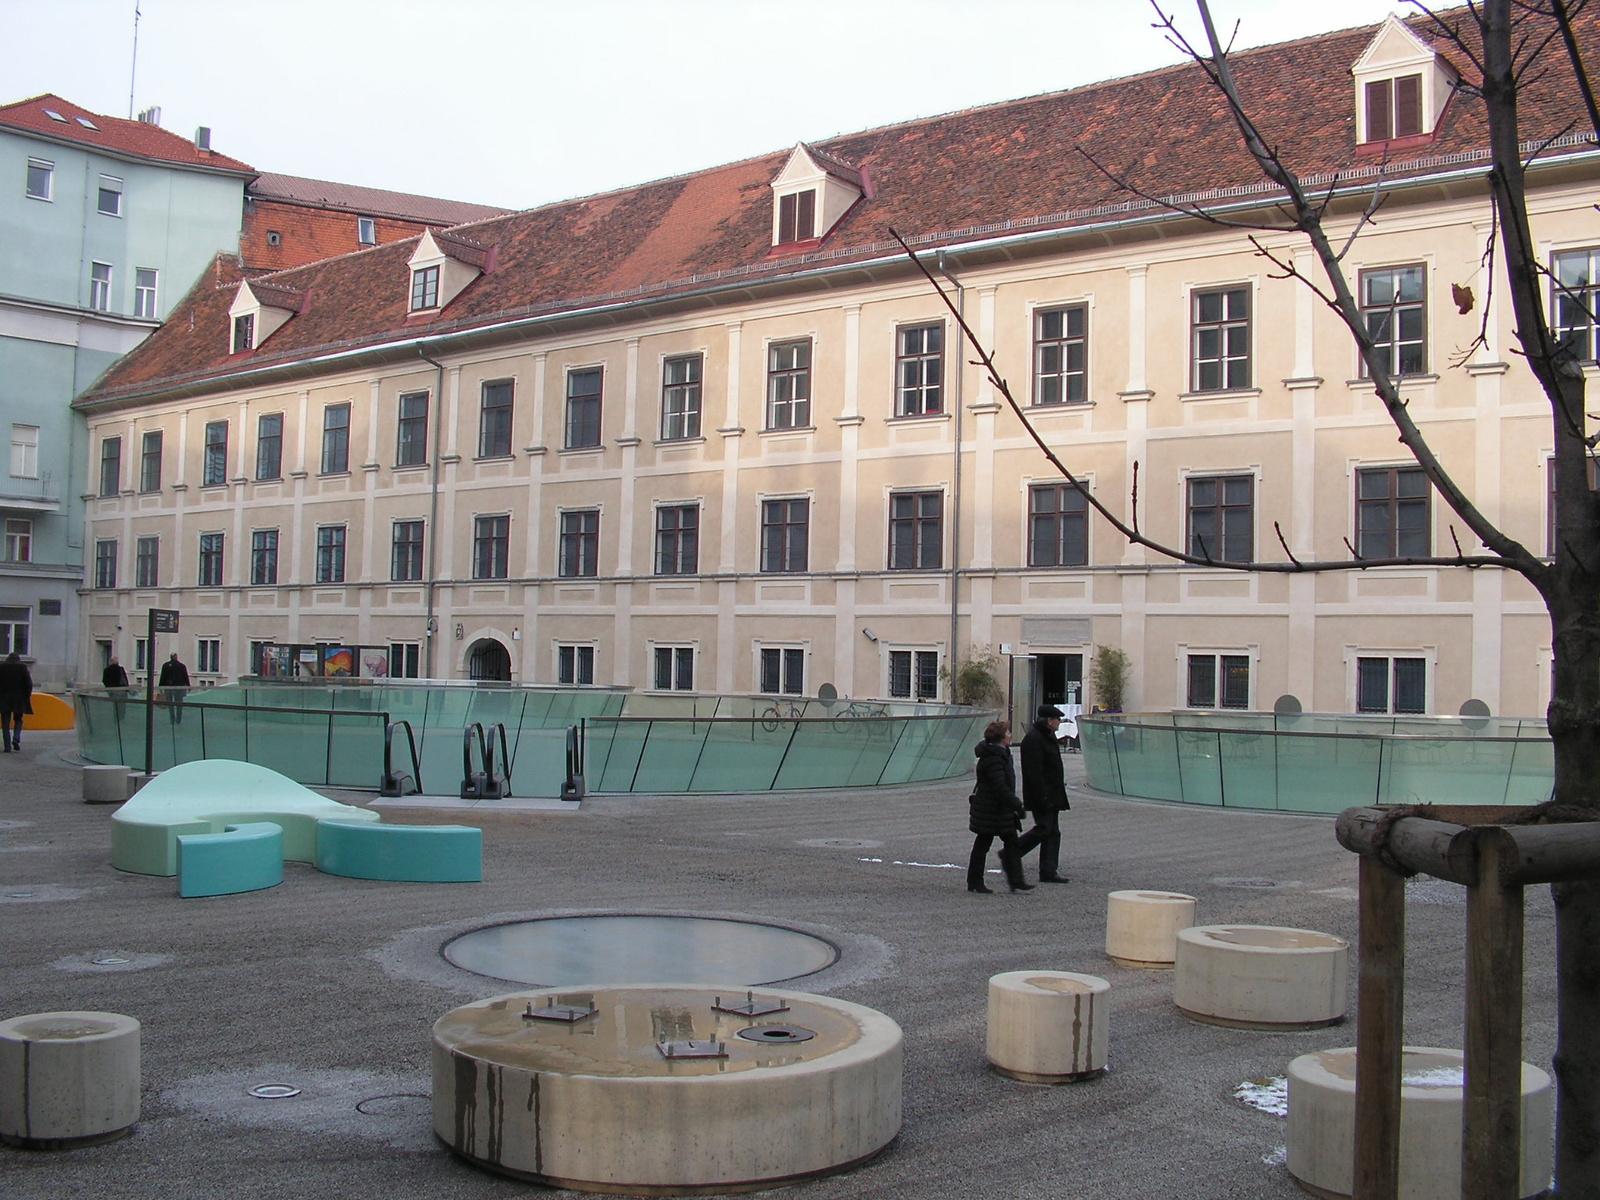 Ausztria, Grác, a Joanneumsviertel, SzG3